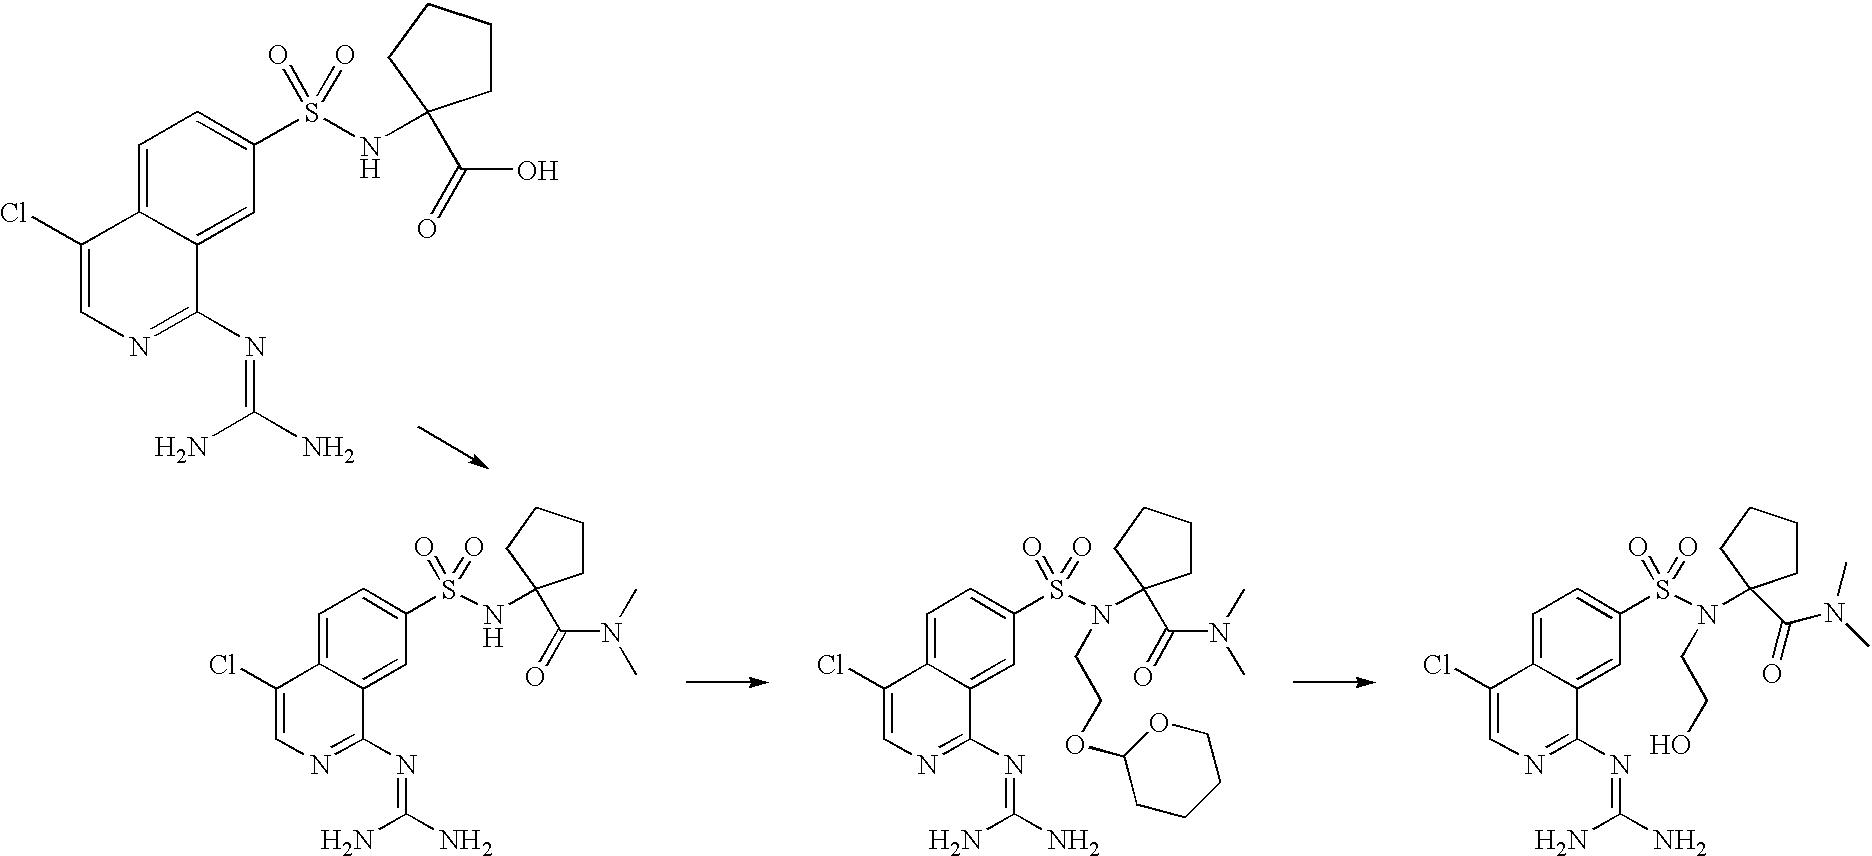 Figure US20030199440A1-20031023-C00122